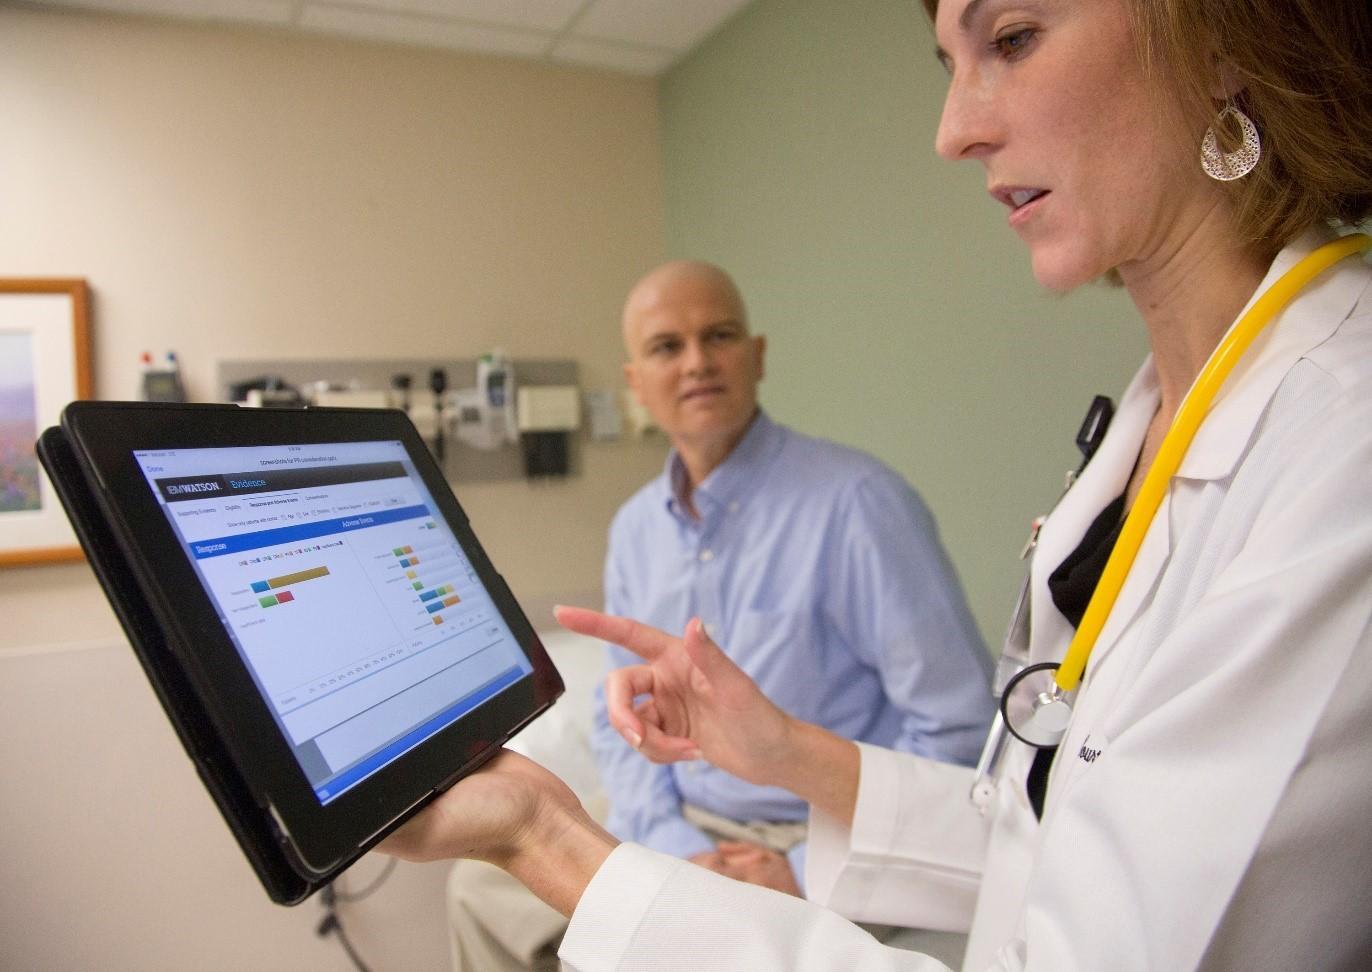 IBM Watson поможет бороться с медикаментозной устойчивостью раковых клеток - 1